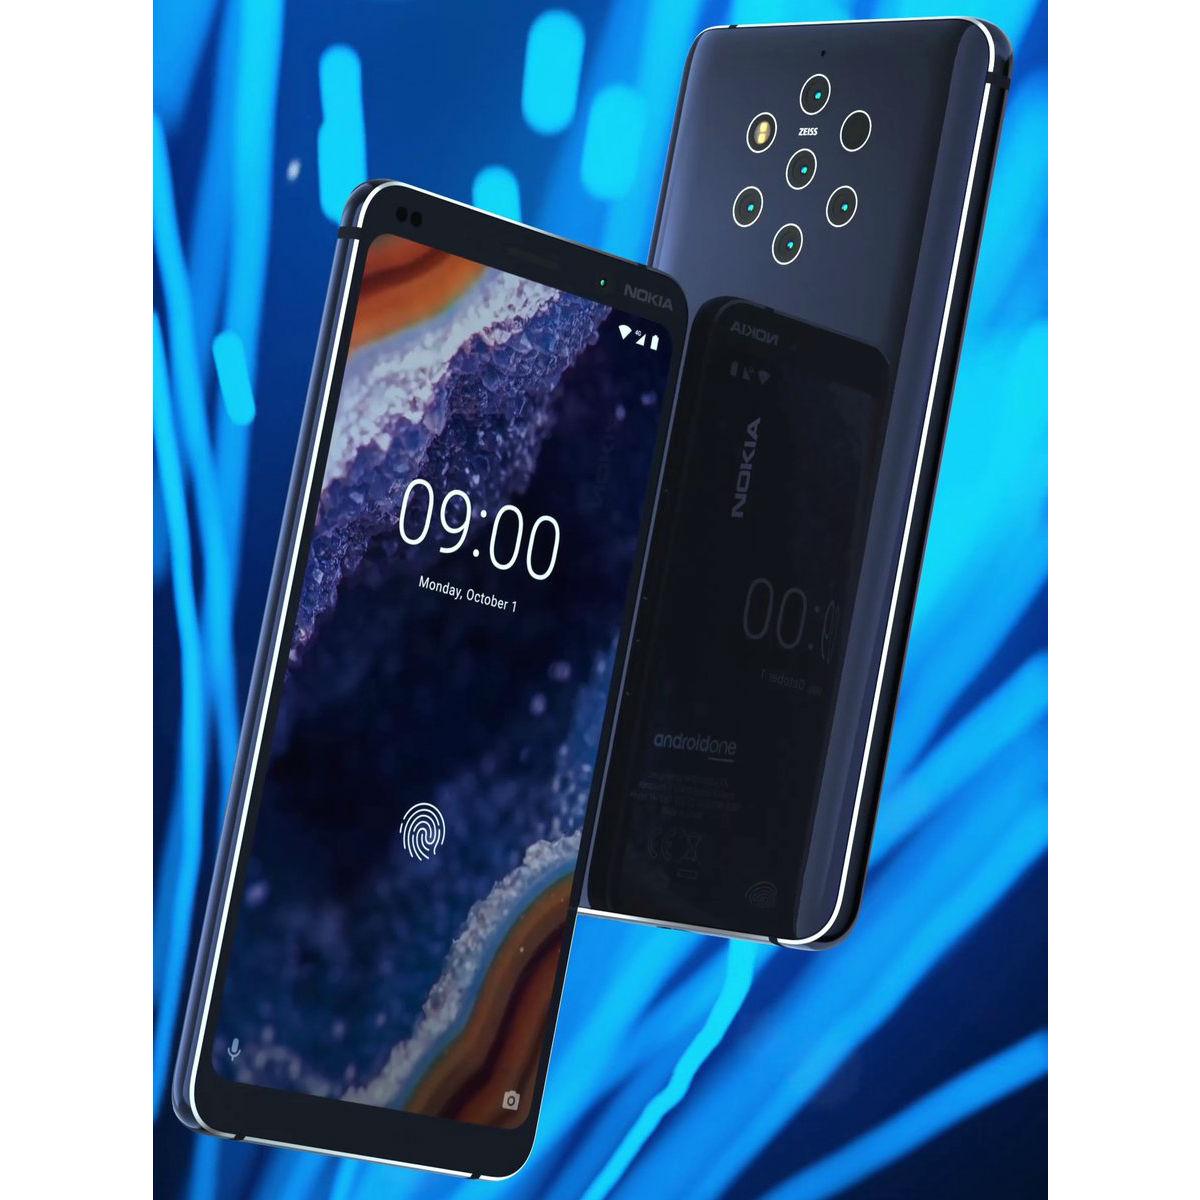 Nokia 9 PureView, telefonul cu 5 camere foto. Preț și disponibilitate